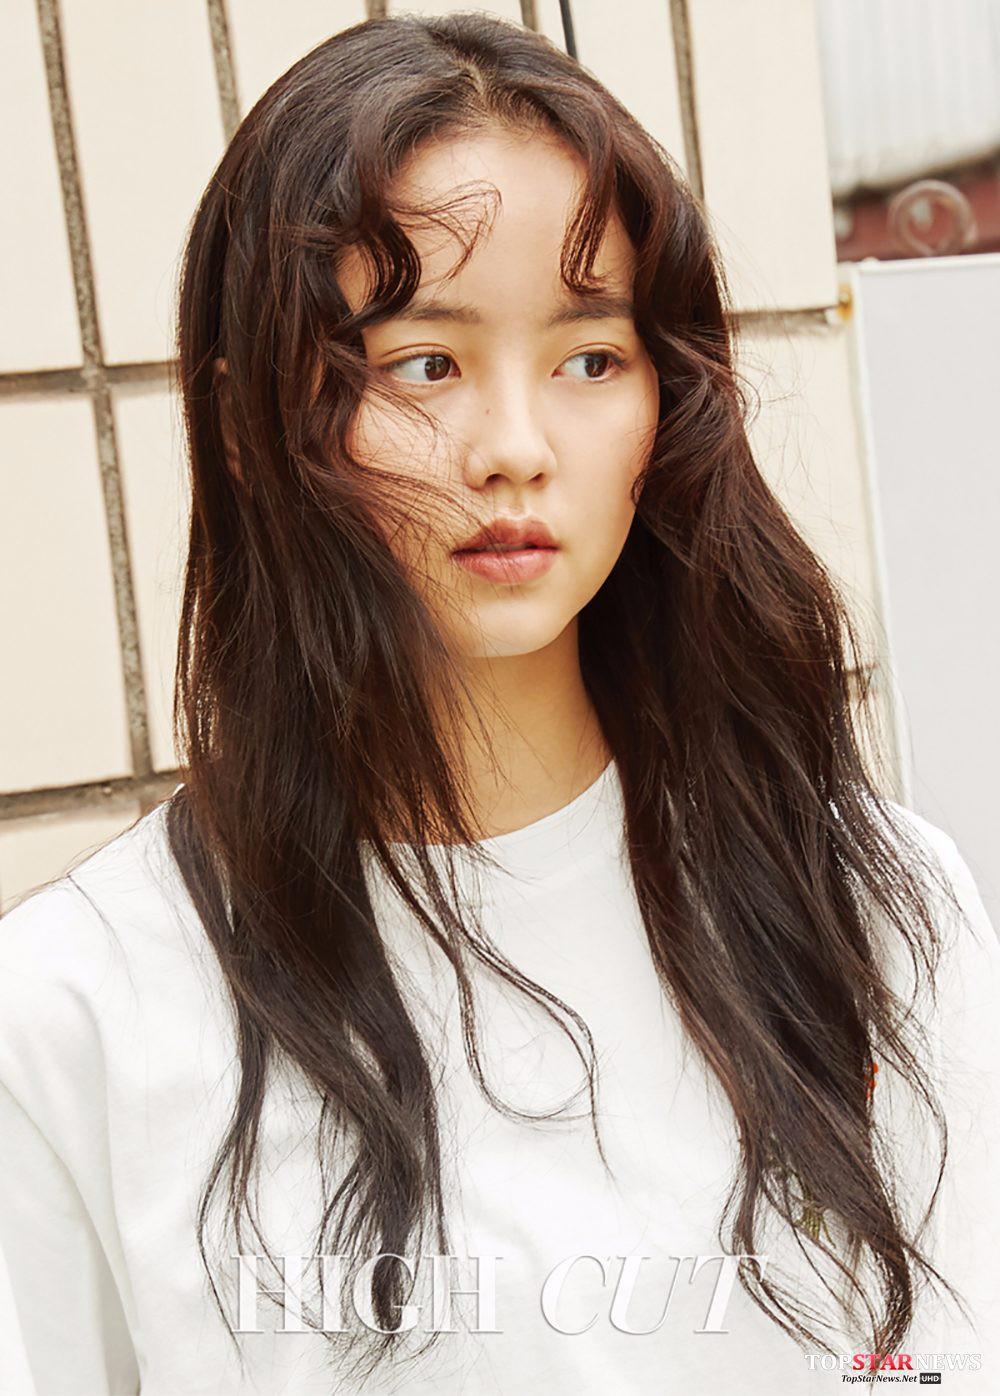 2 nữ thần nhí một thời Kim Yoo Jung và Kim So Hyun dậy thì: Quá xuất sắc, đẹp đến mức khó chọn ai nhỉnh hơn - Ảnh 23.